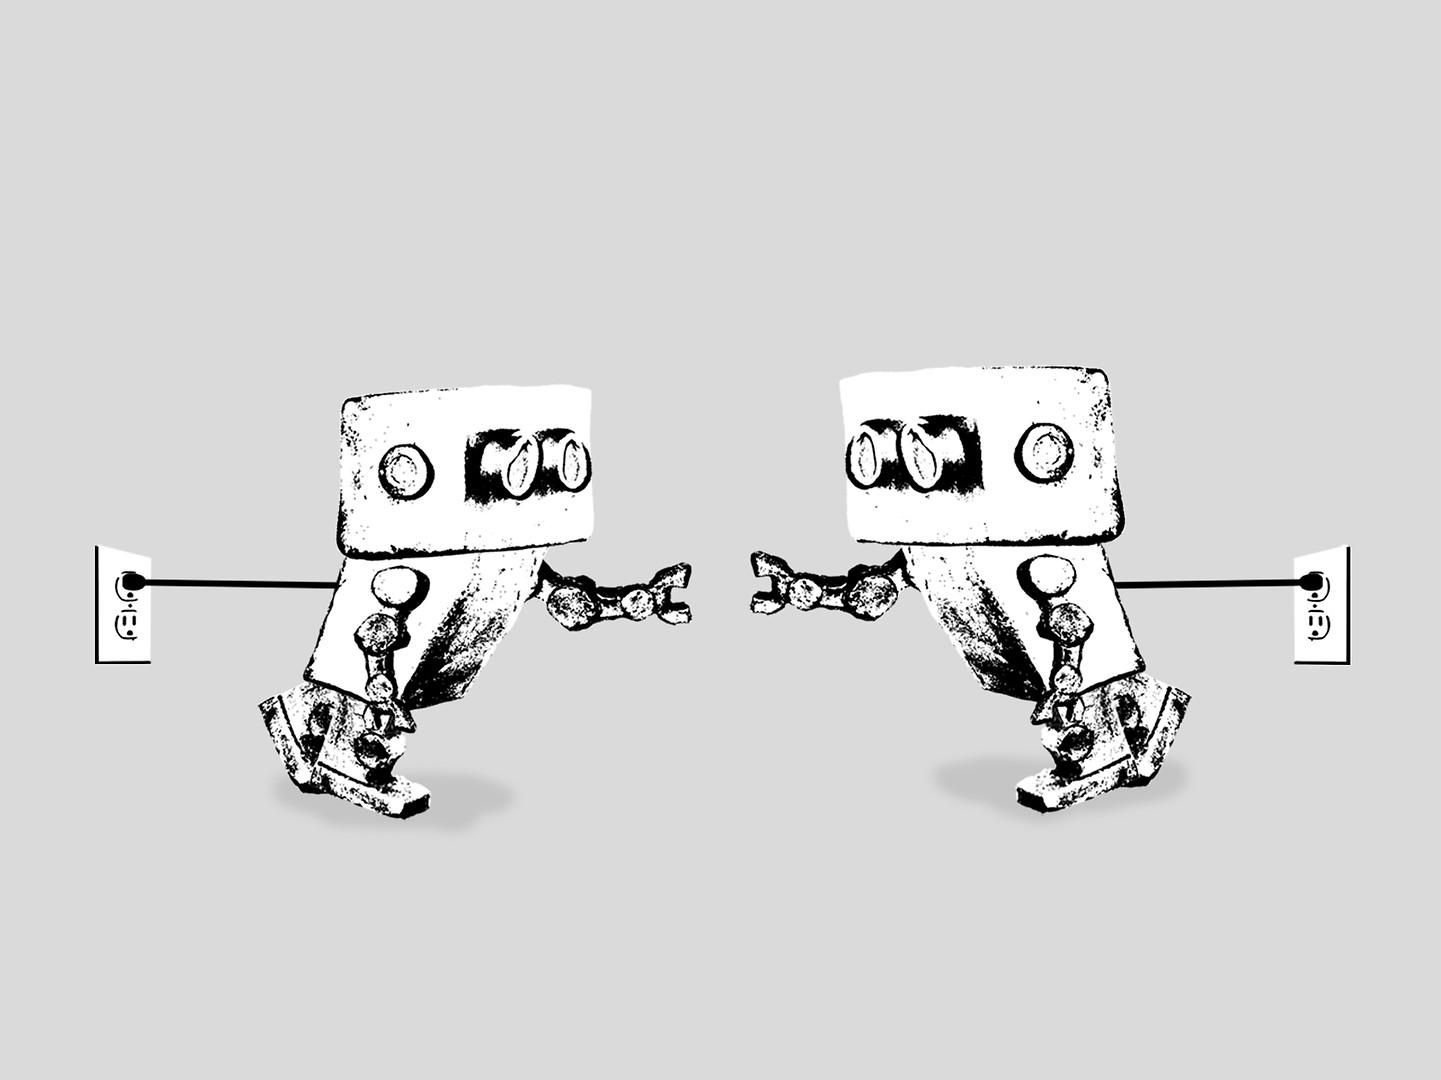 Robot reach